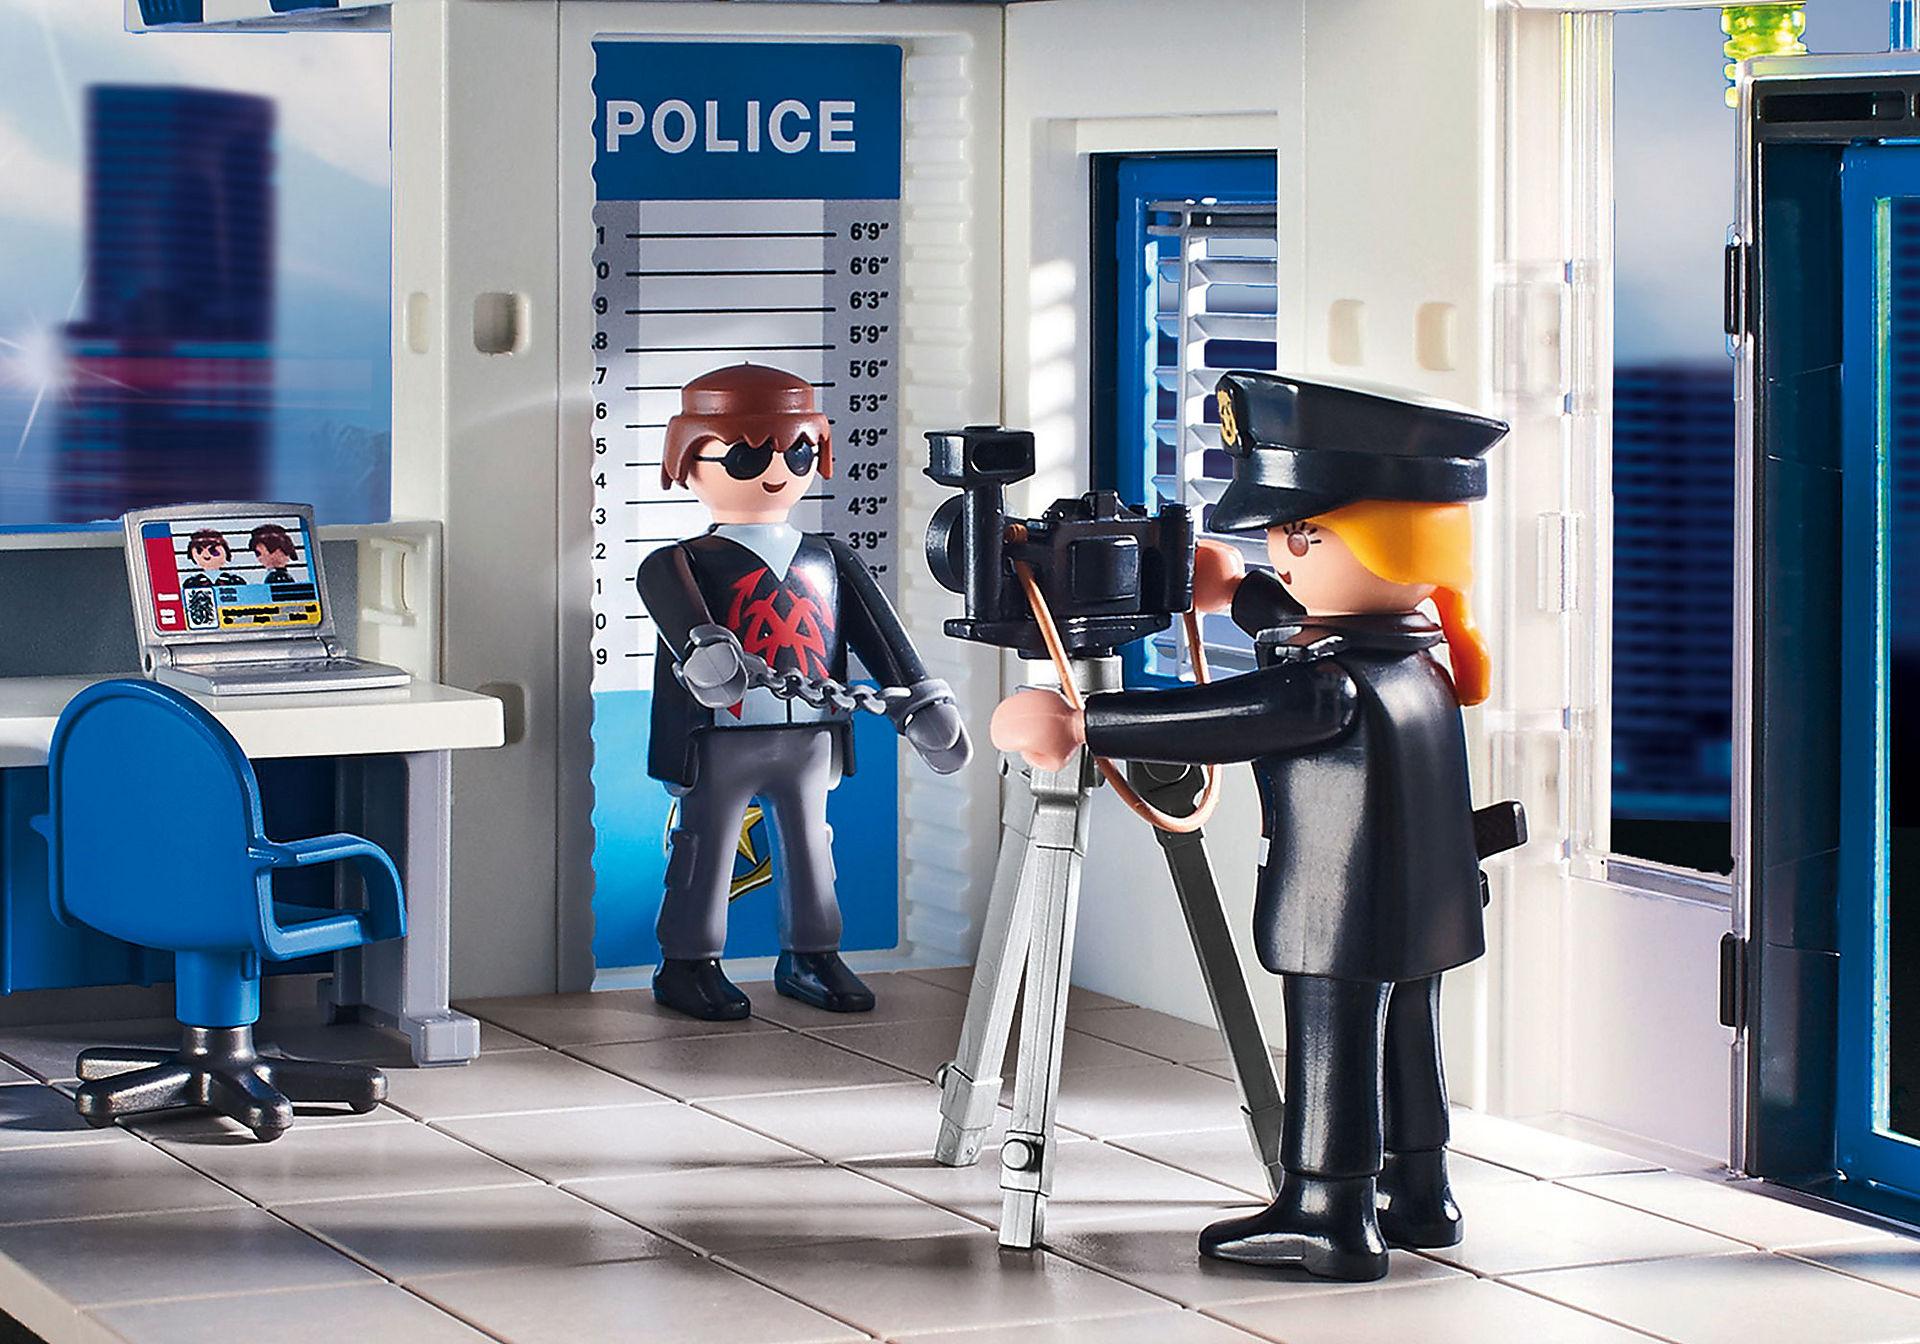 http://media.playmobil.com/i/playmobil/9372_product_extra3/Poste de police et véhicules